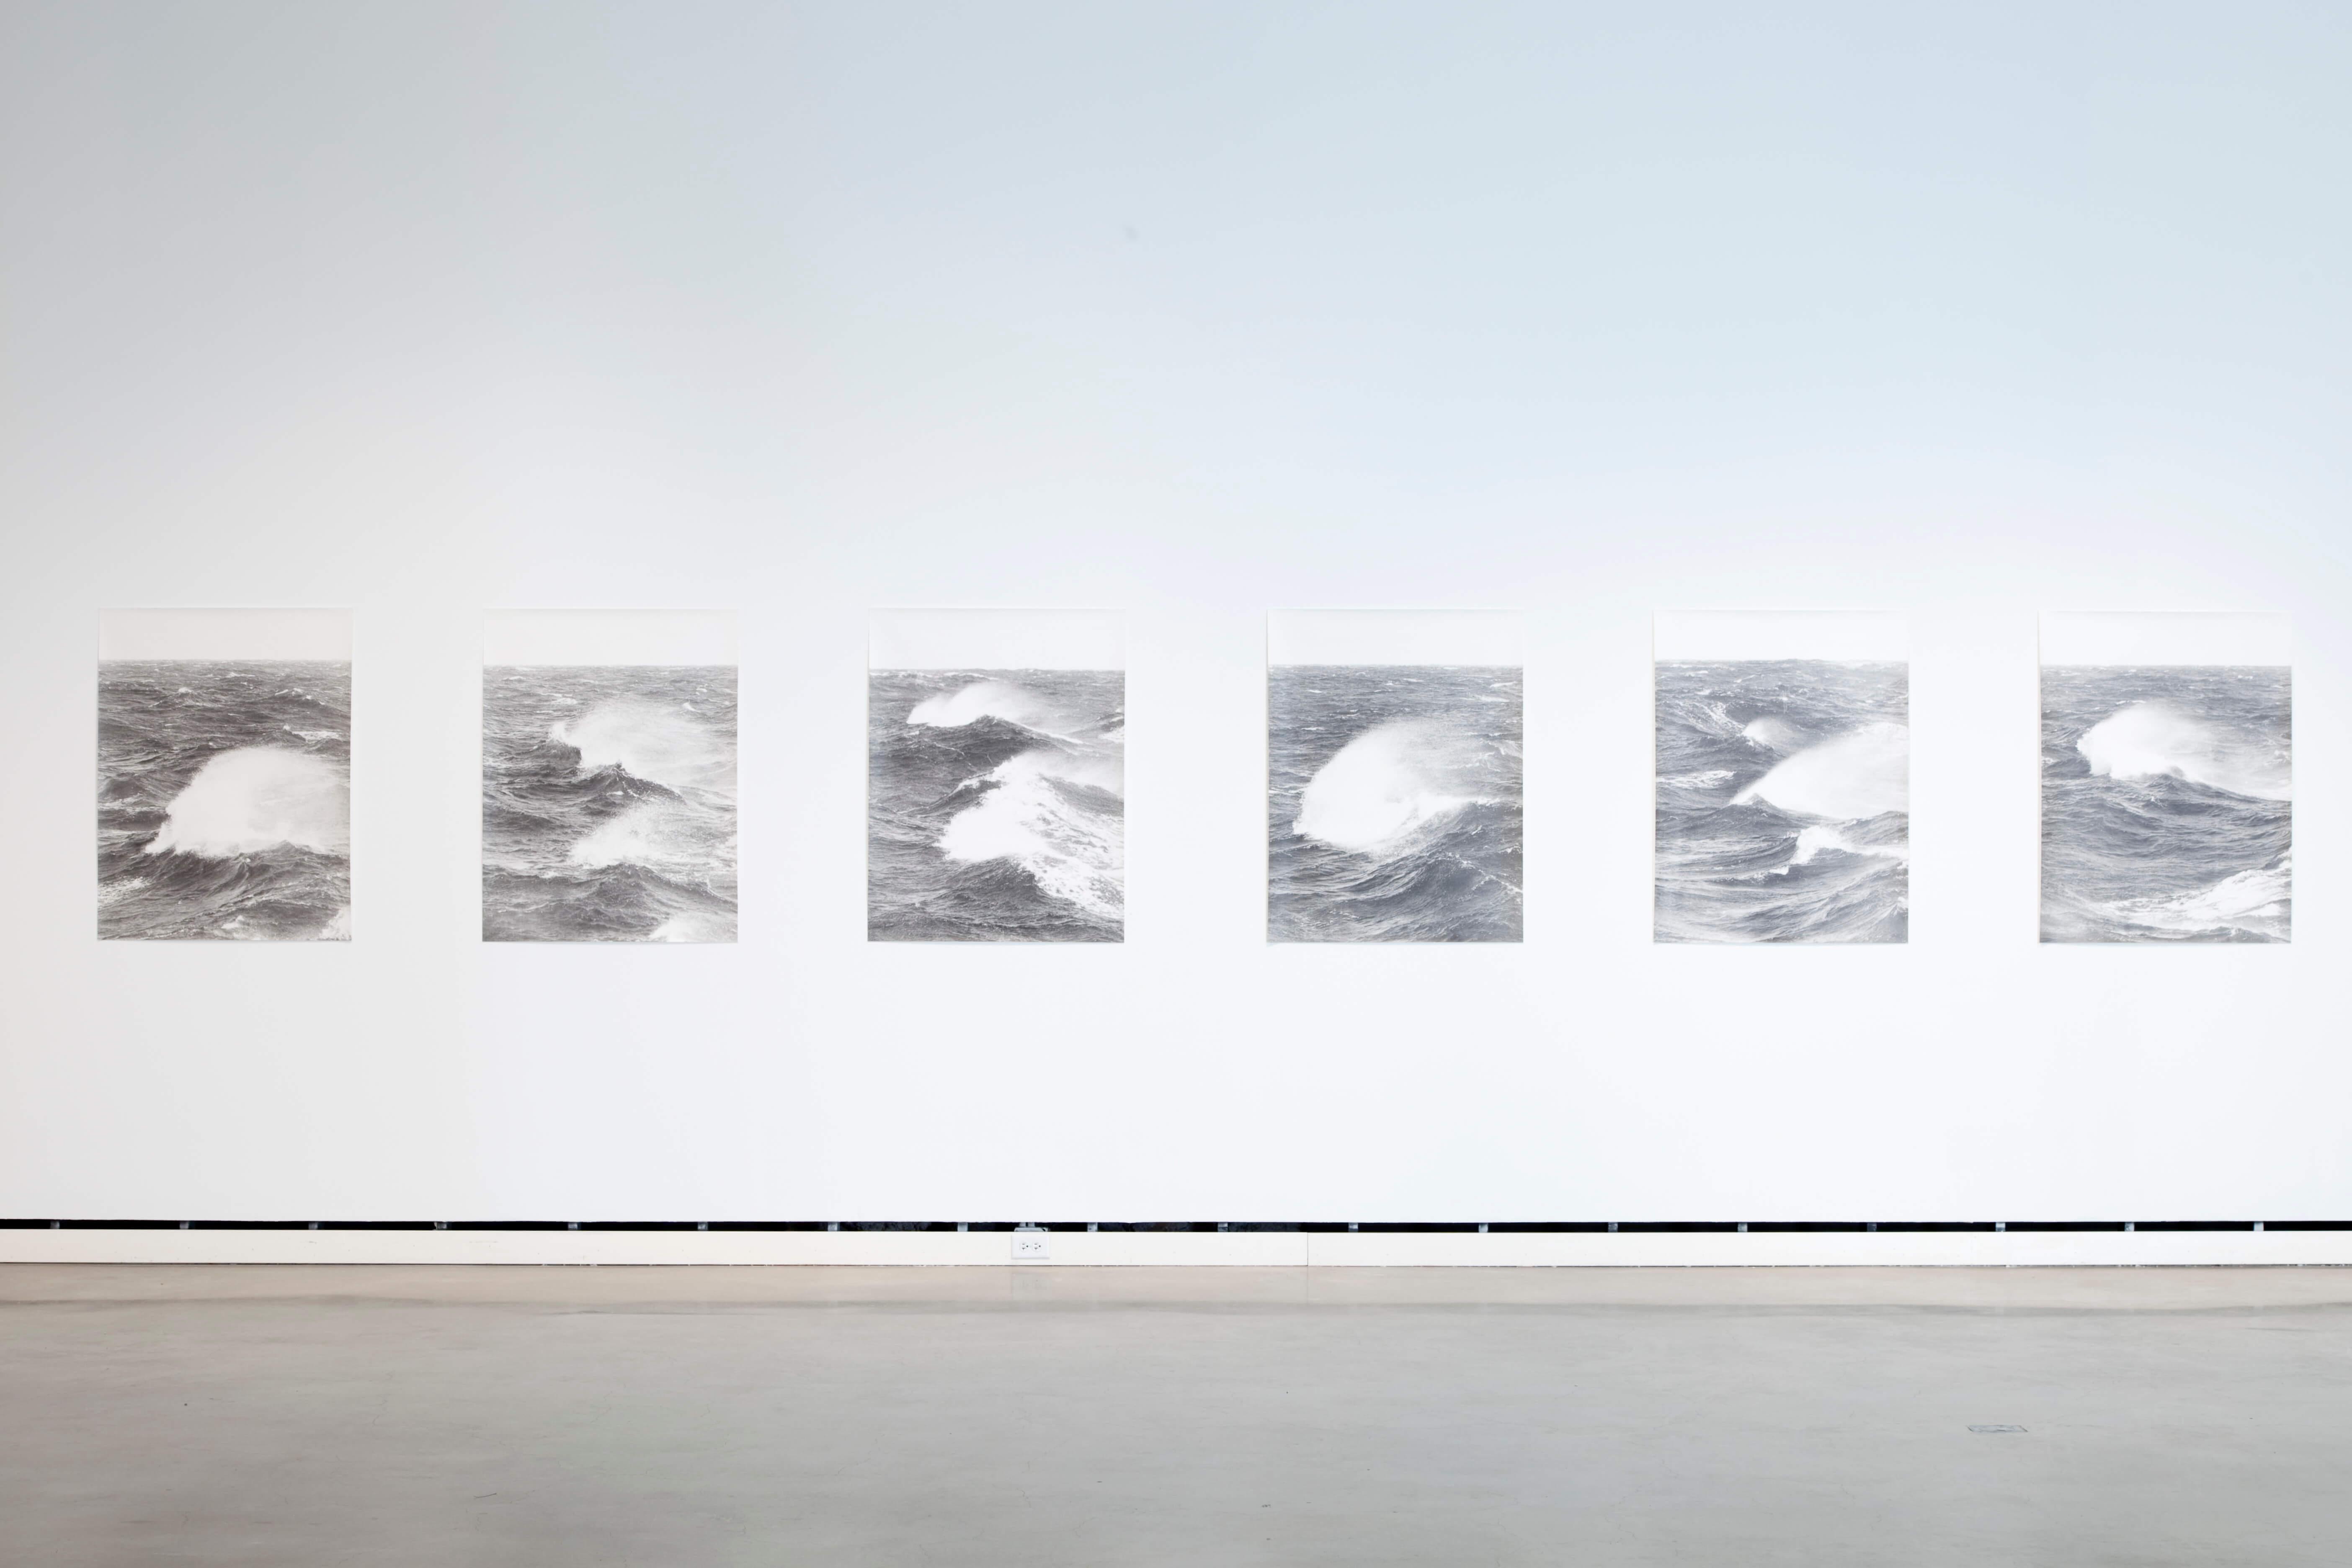 Un Voyage en Mer du Nord, 2007 |  | ProjecteSD